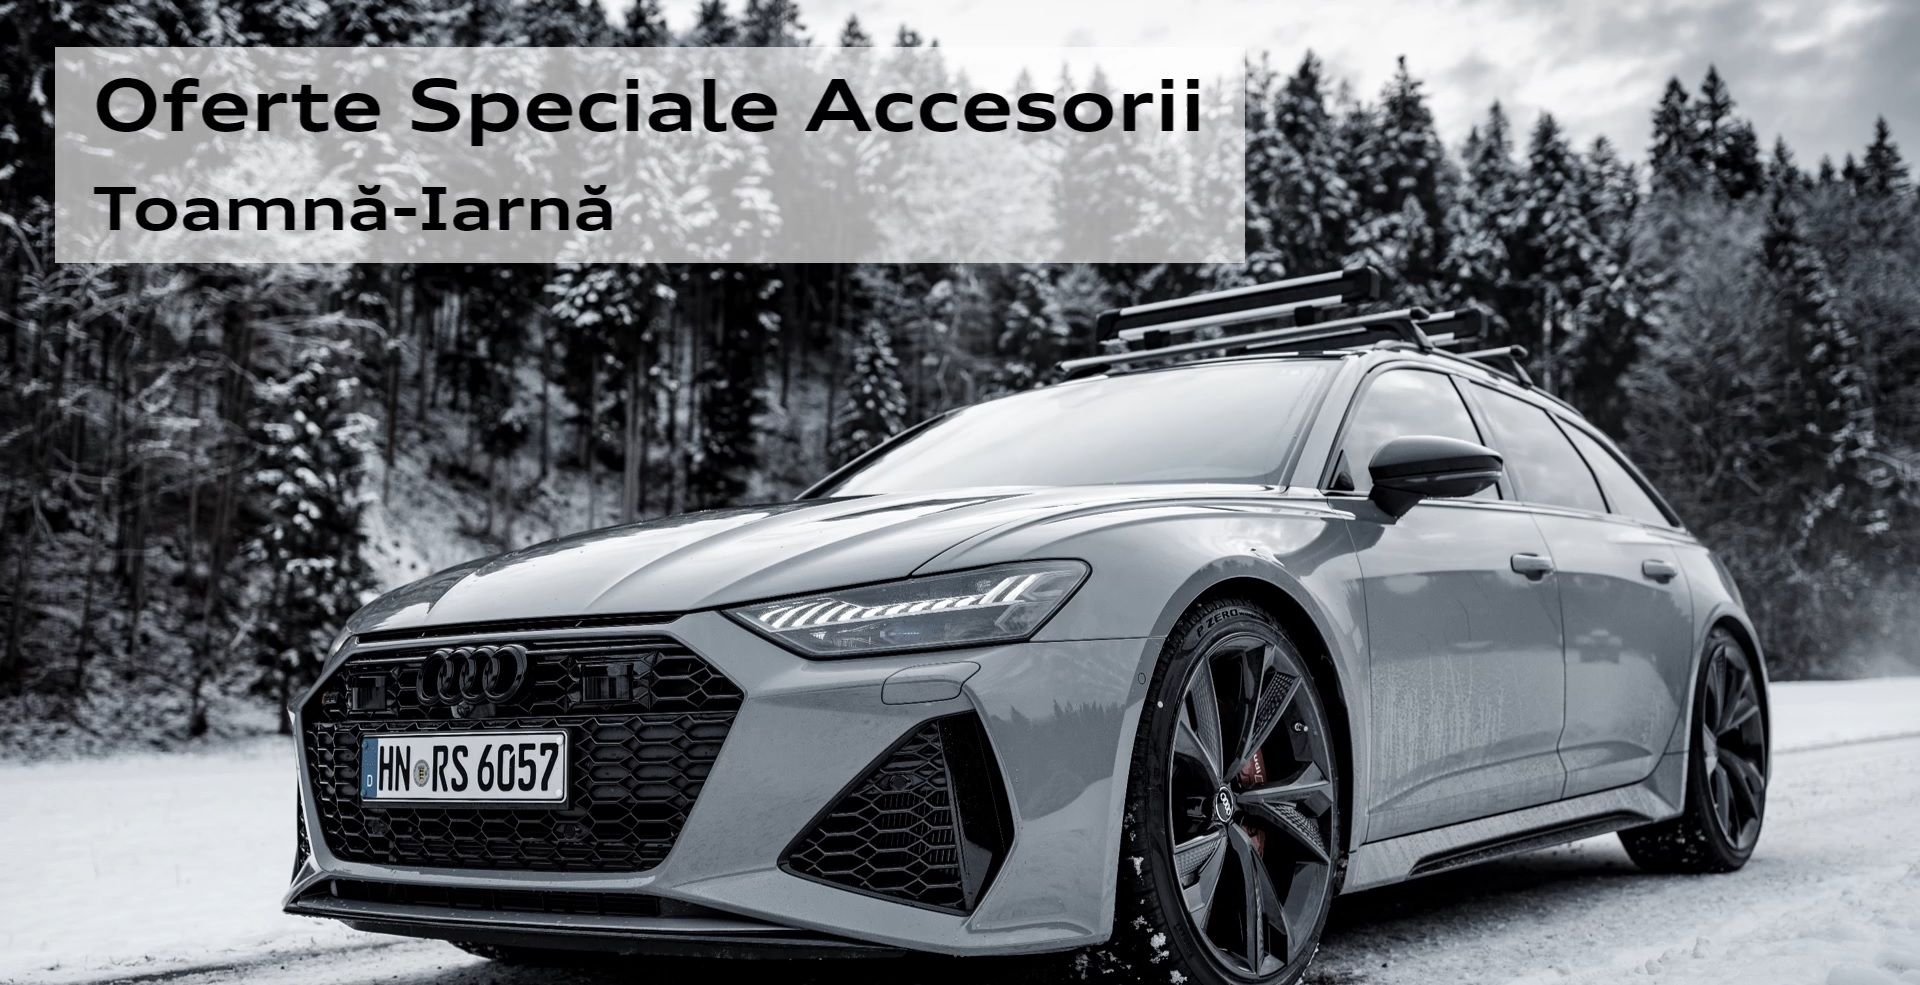 Accesorii de toamna-iarna Audi